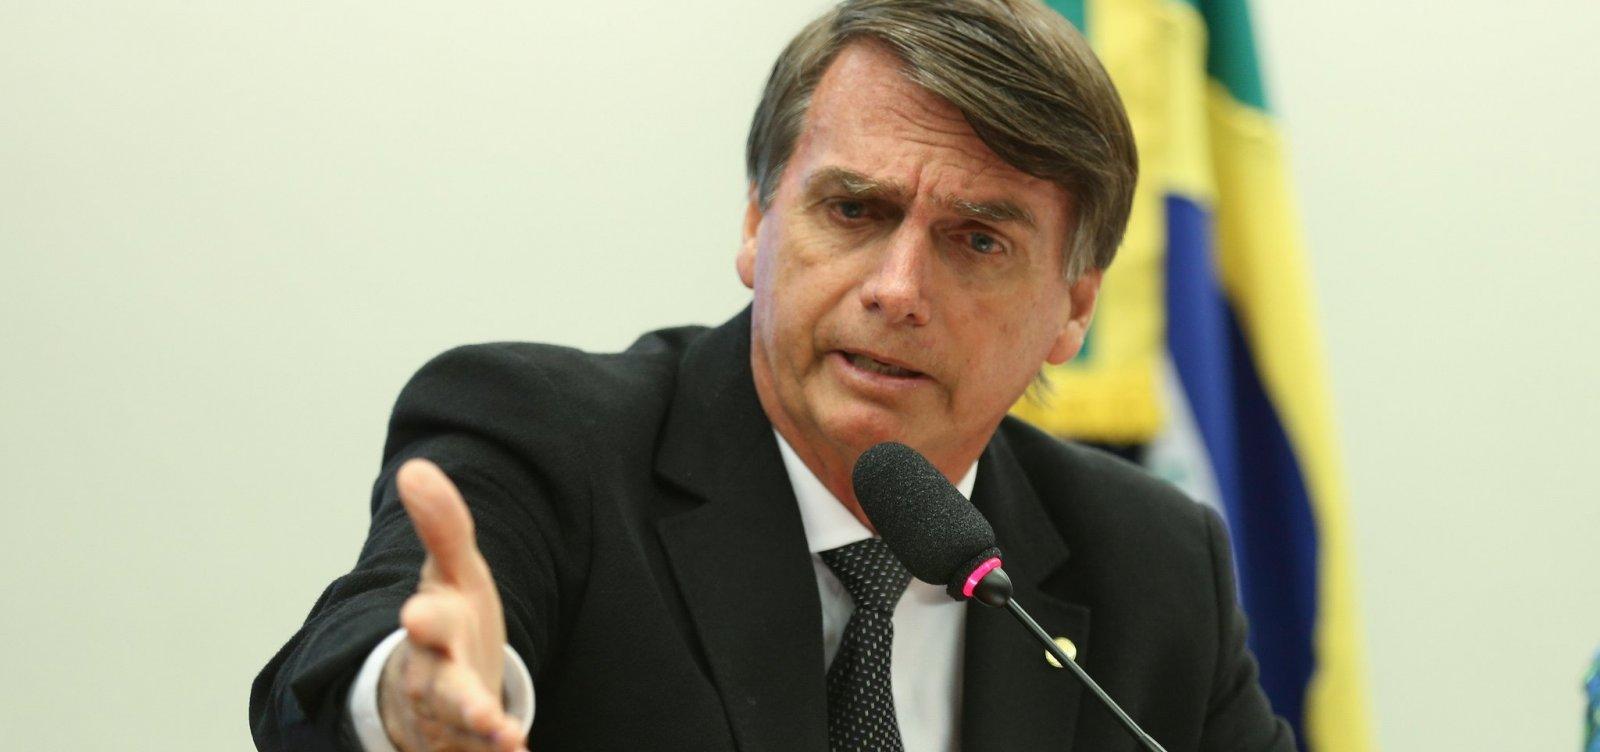 Mudança de embaixada para Jerusalém 'não está decidida', diz Bolsonaro